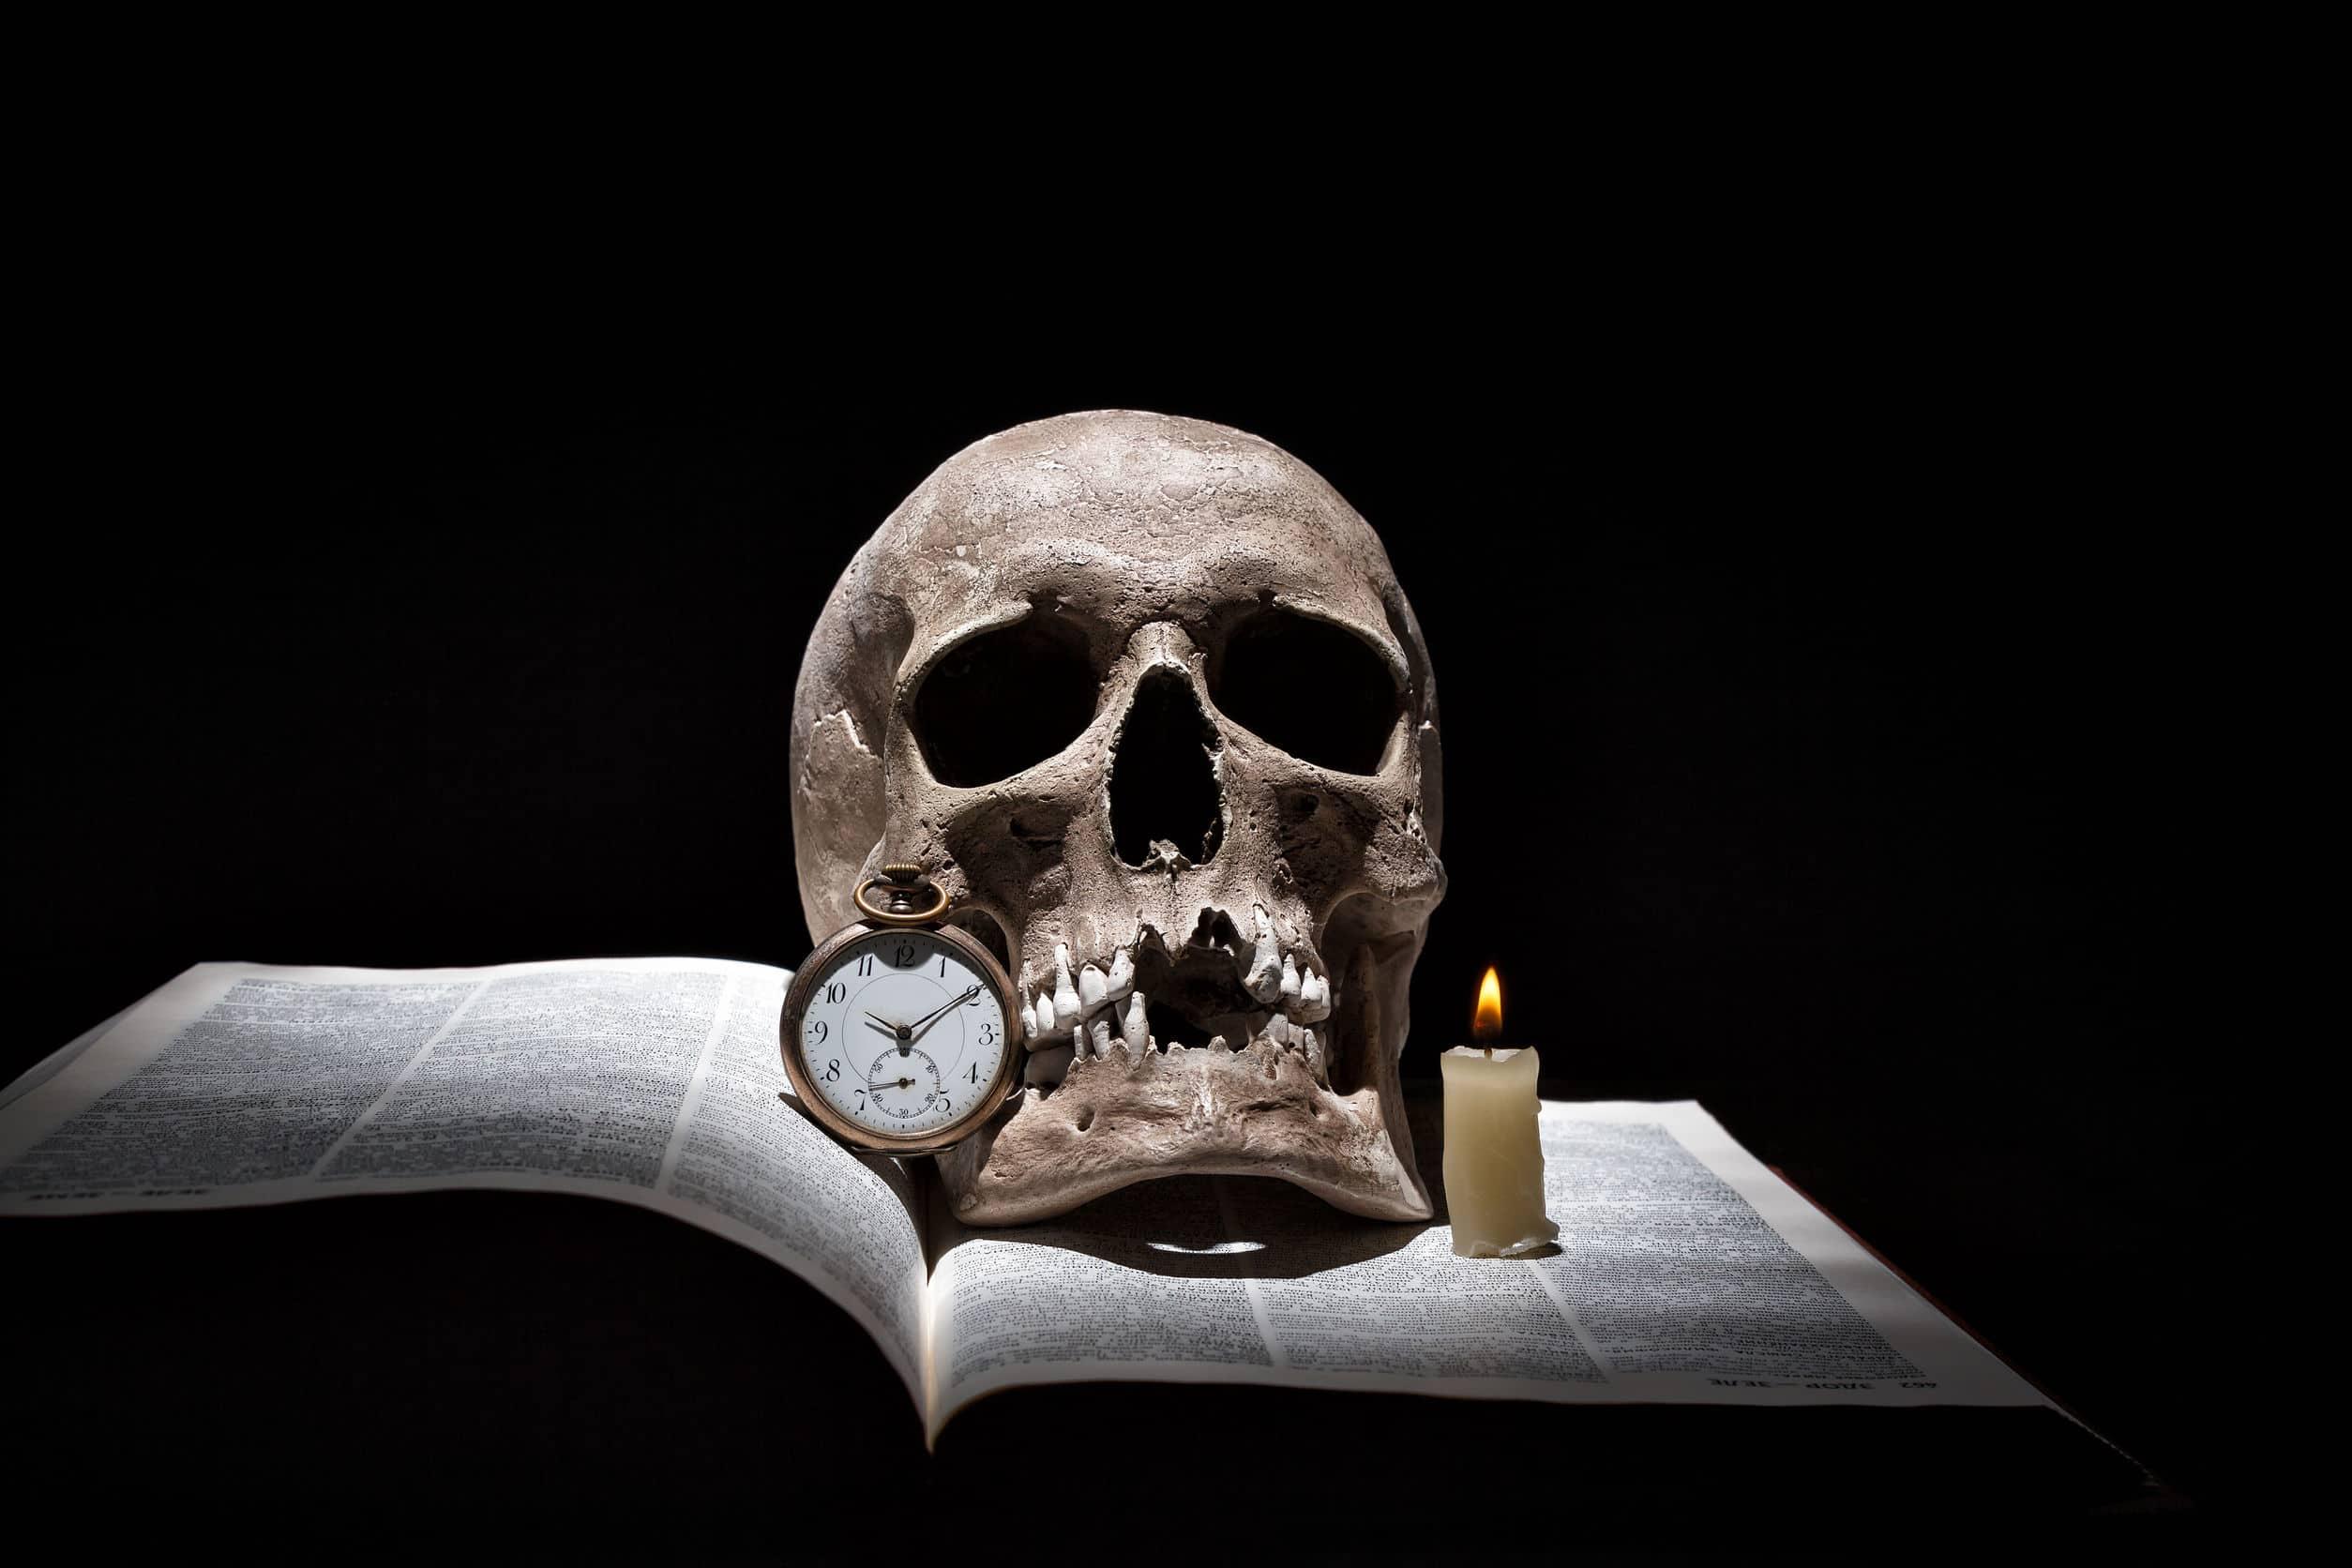 Imagem mostra um livro aberto sob uma caveira, uma vela acesa e um relógio.